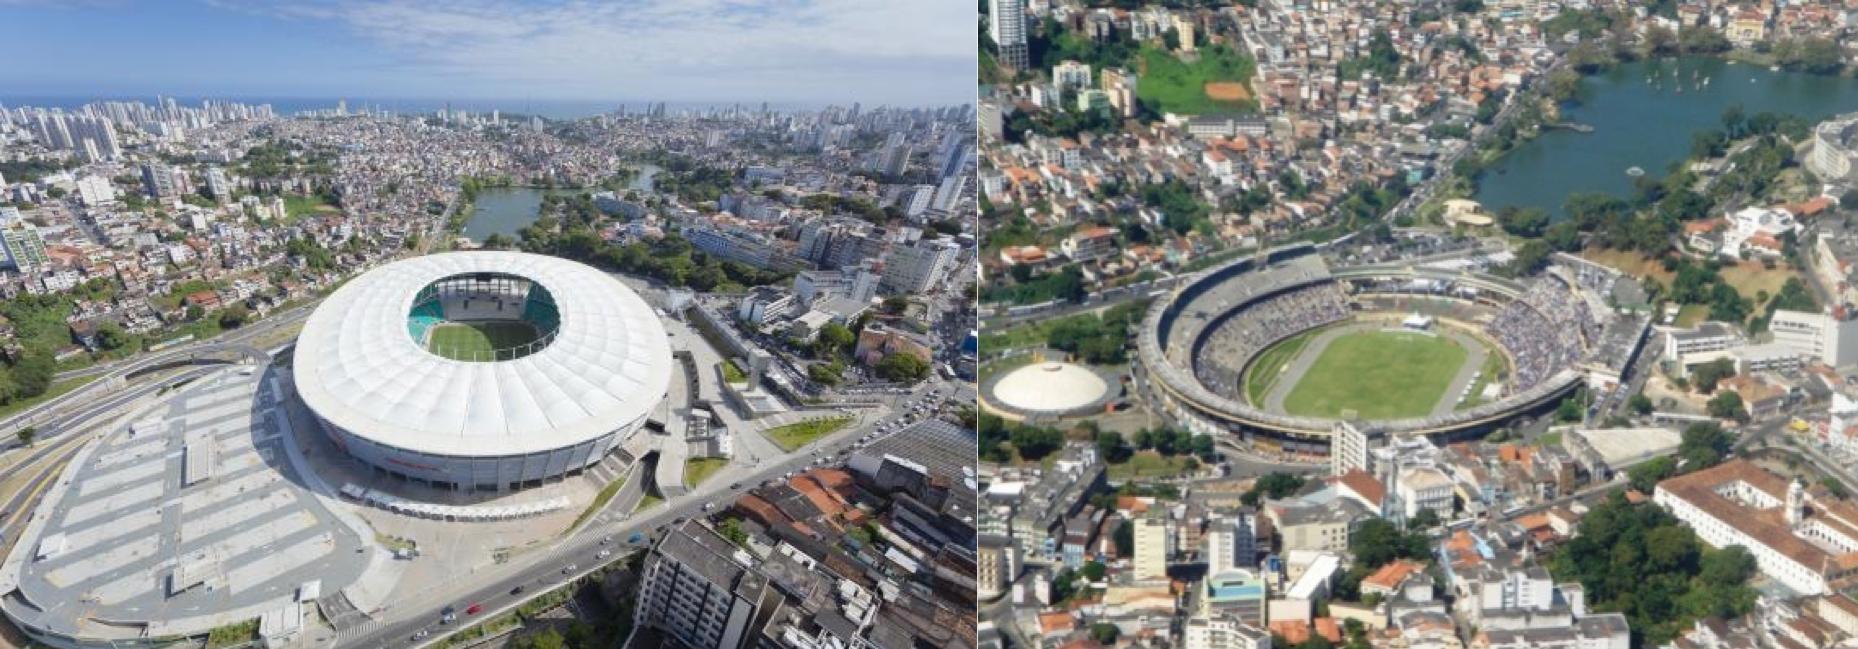 05 Arena Fonte Nova